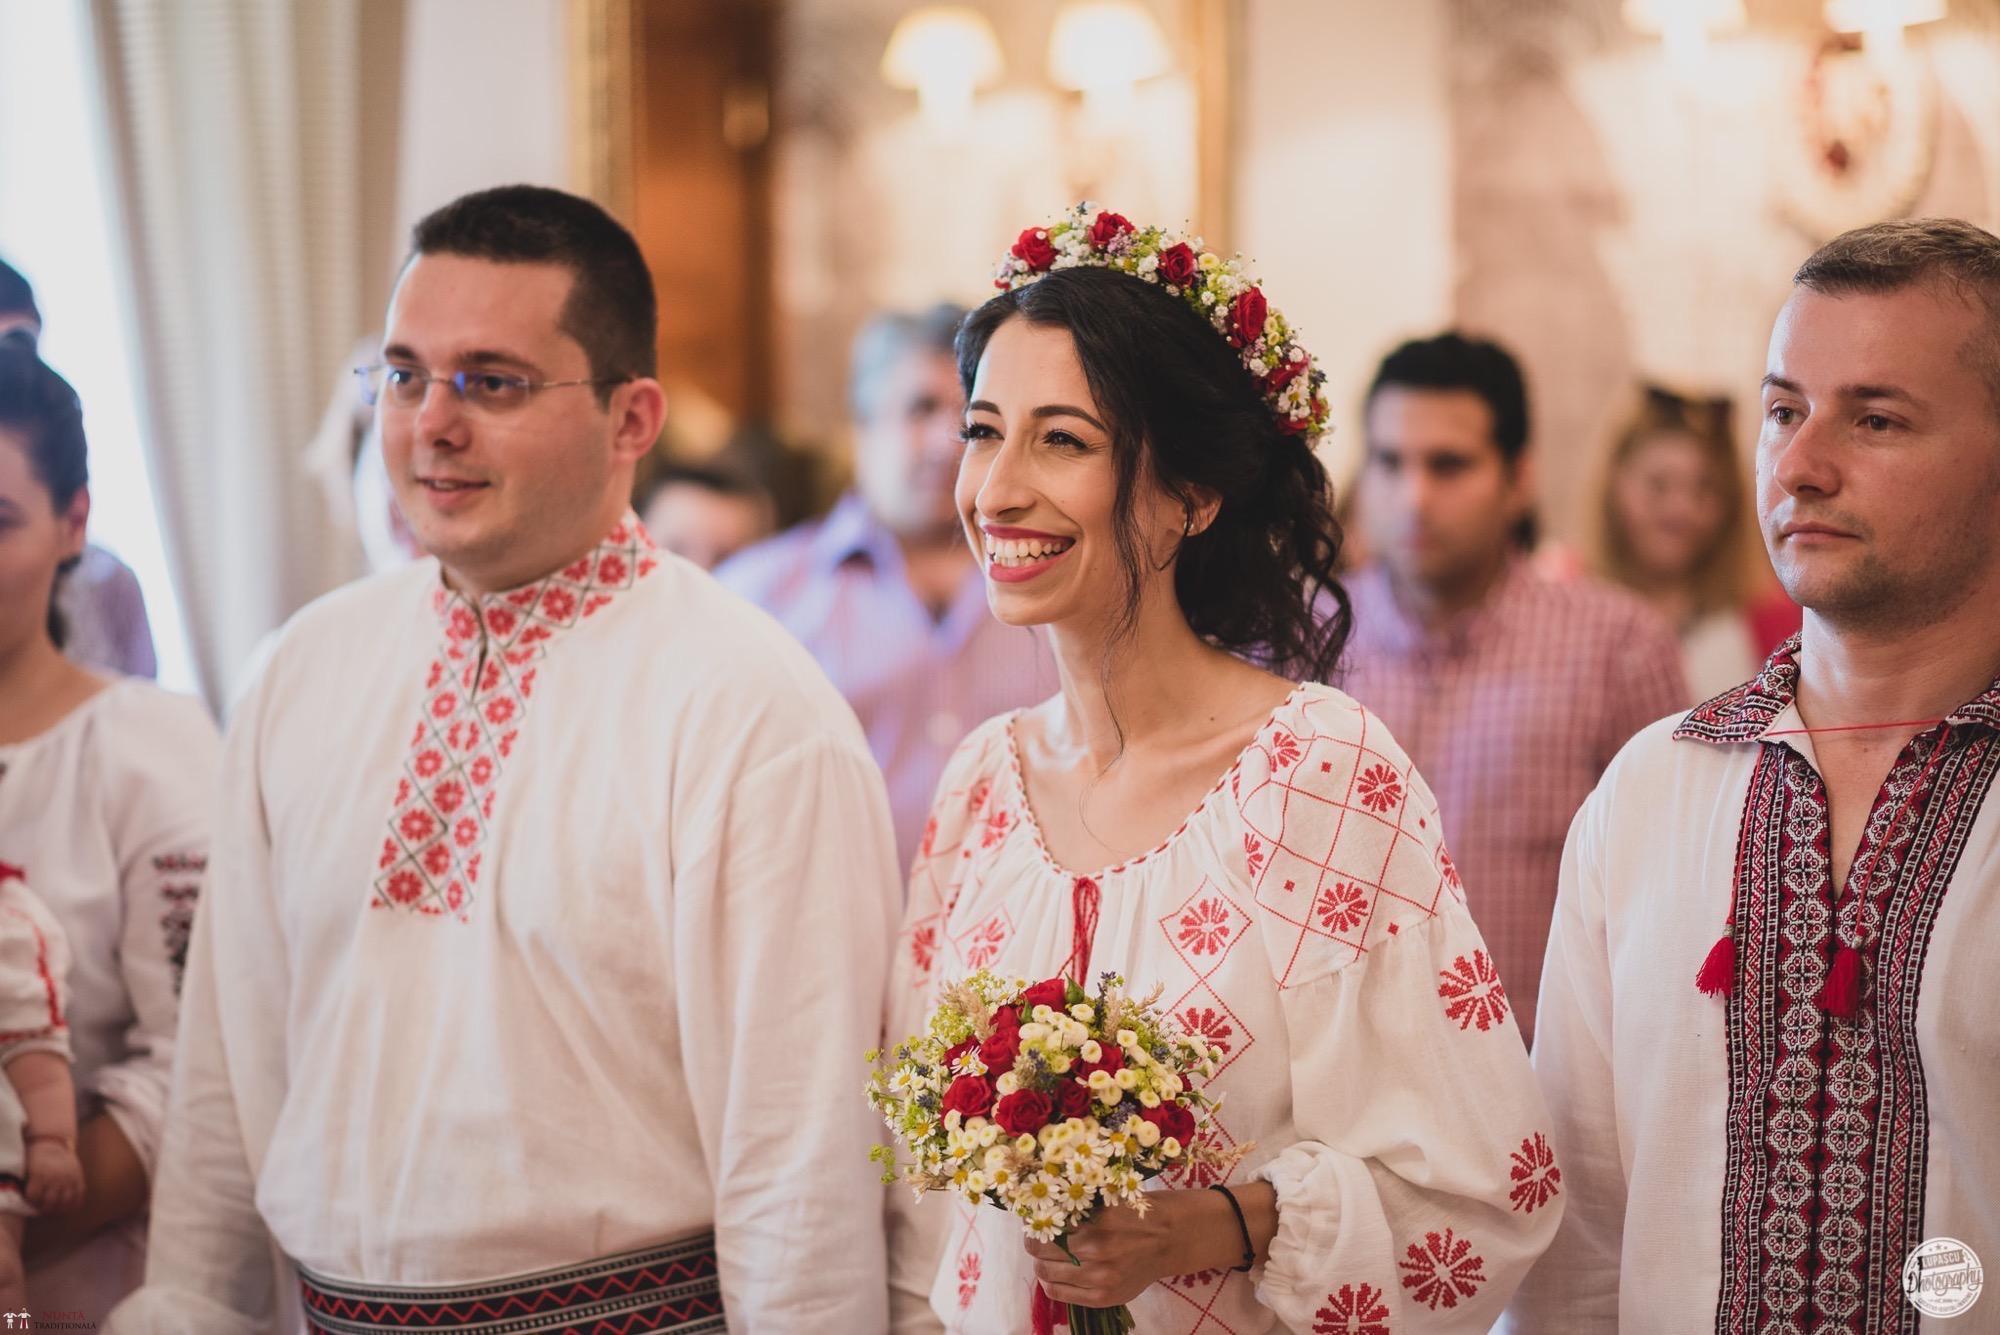 Povești Nunți Tradiționale - Georgiana și Adrian. Nuntă tradițională în București. 18